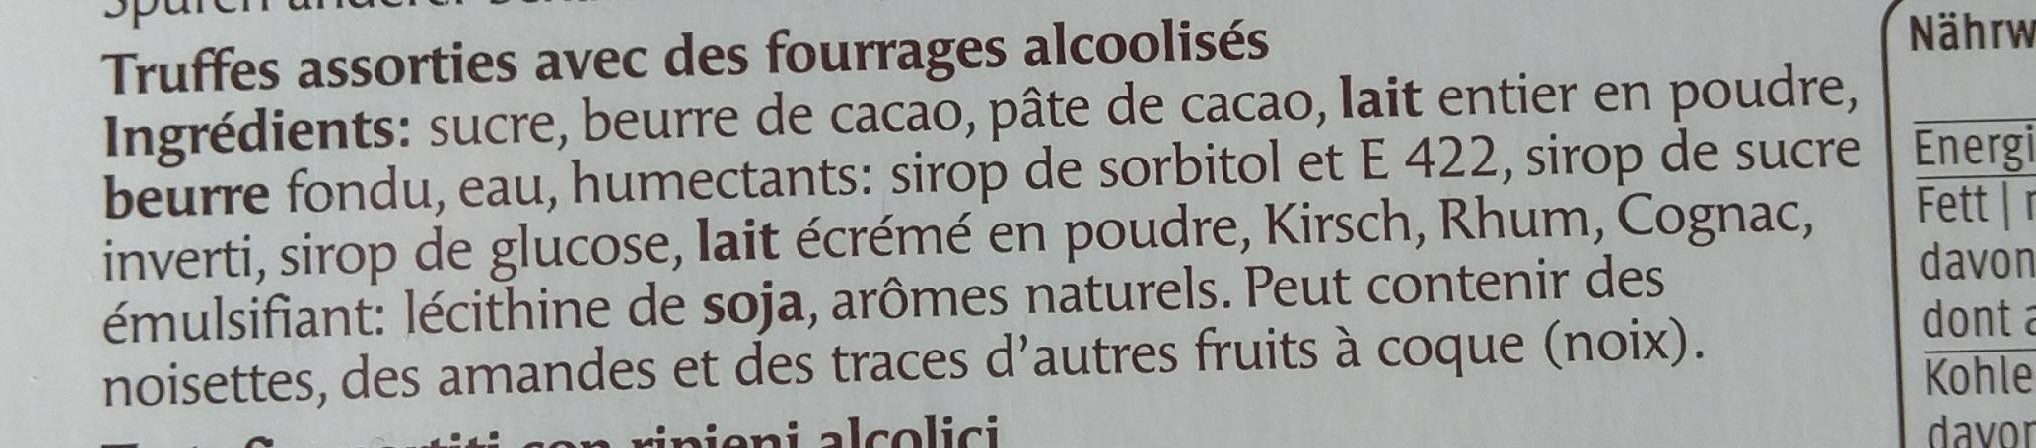 Truffes assorties - Ingredienti - fr